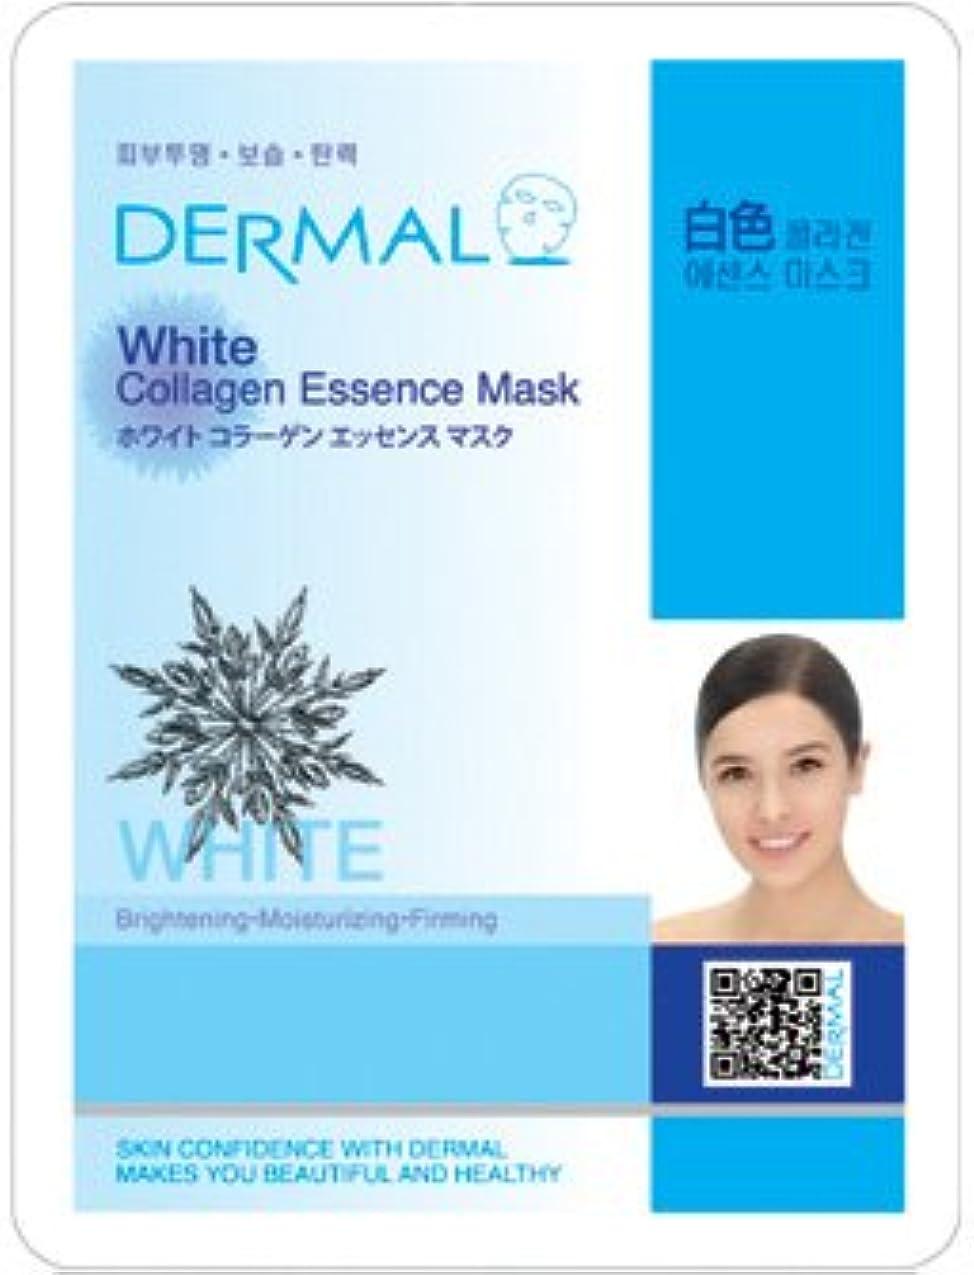 手書き酔っ払いくぼみシートマスク ホワイト 100枚セット ダーマル(Dermal) フェイス パック